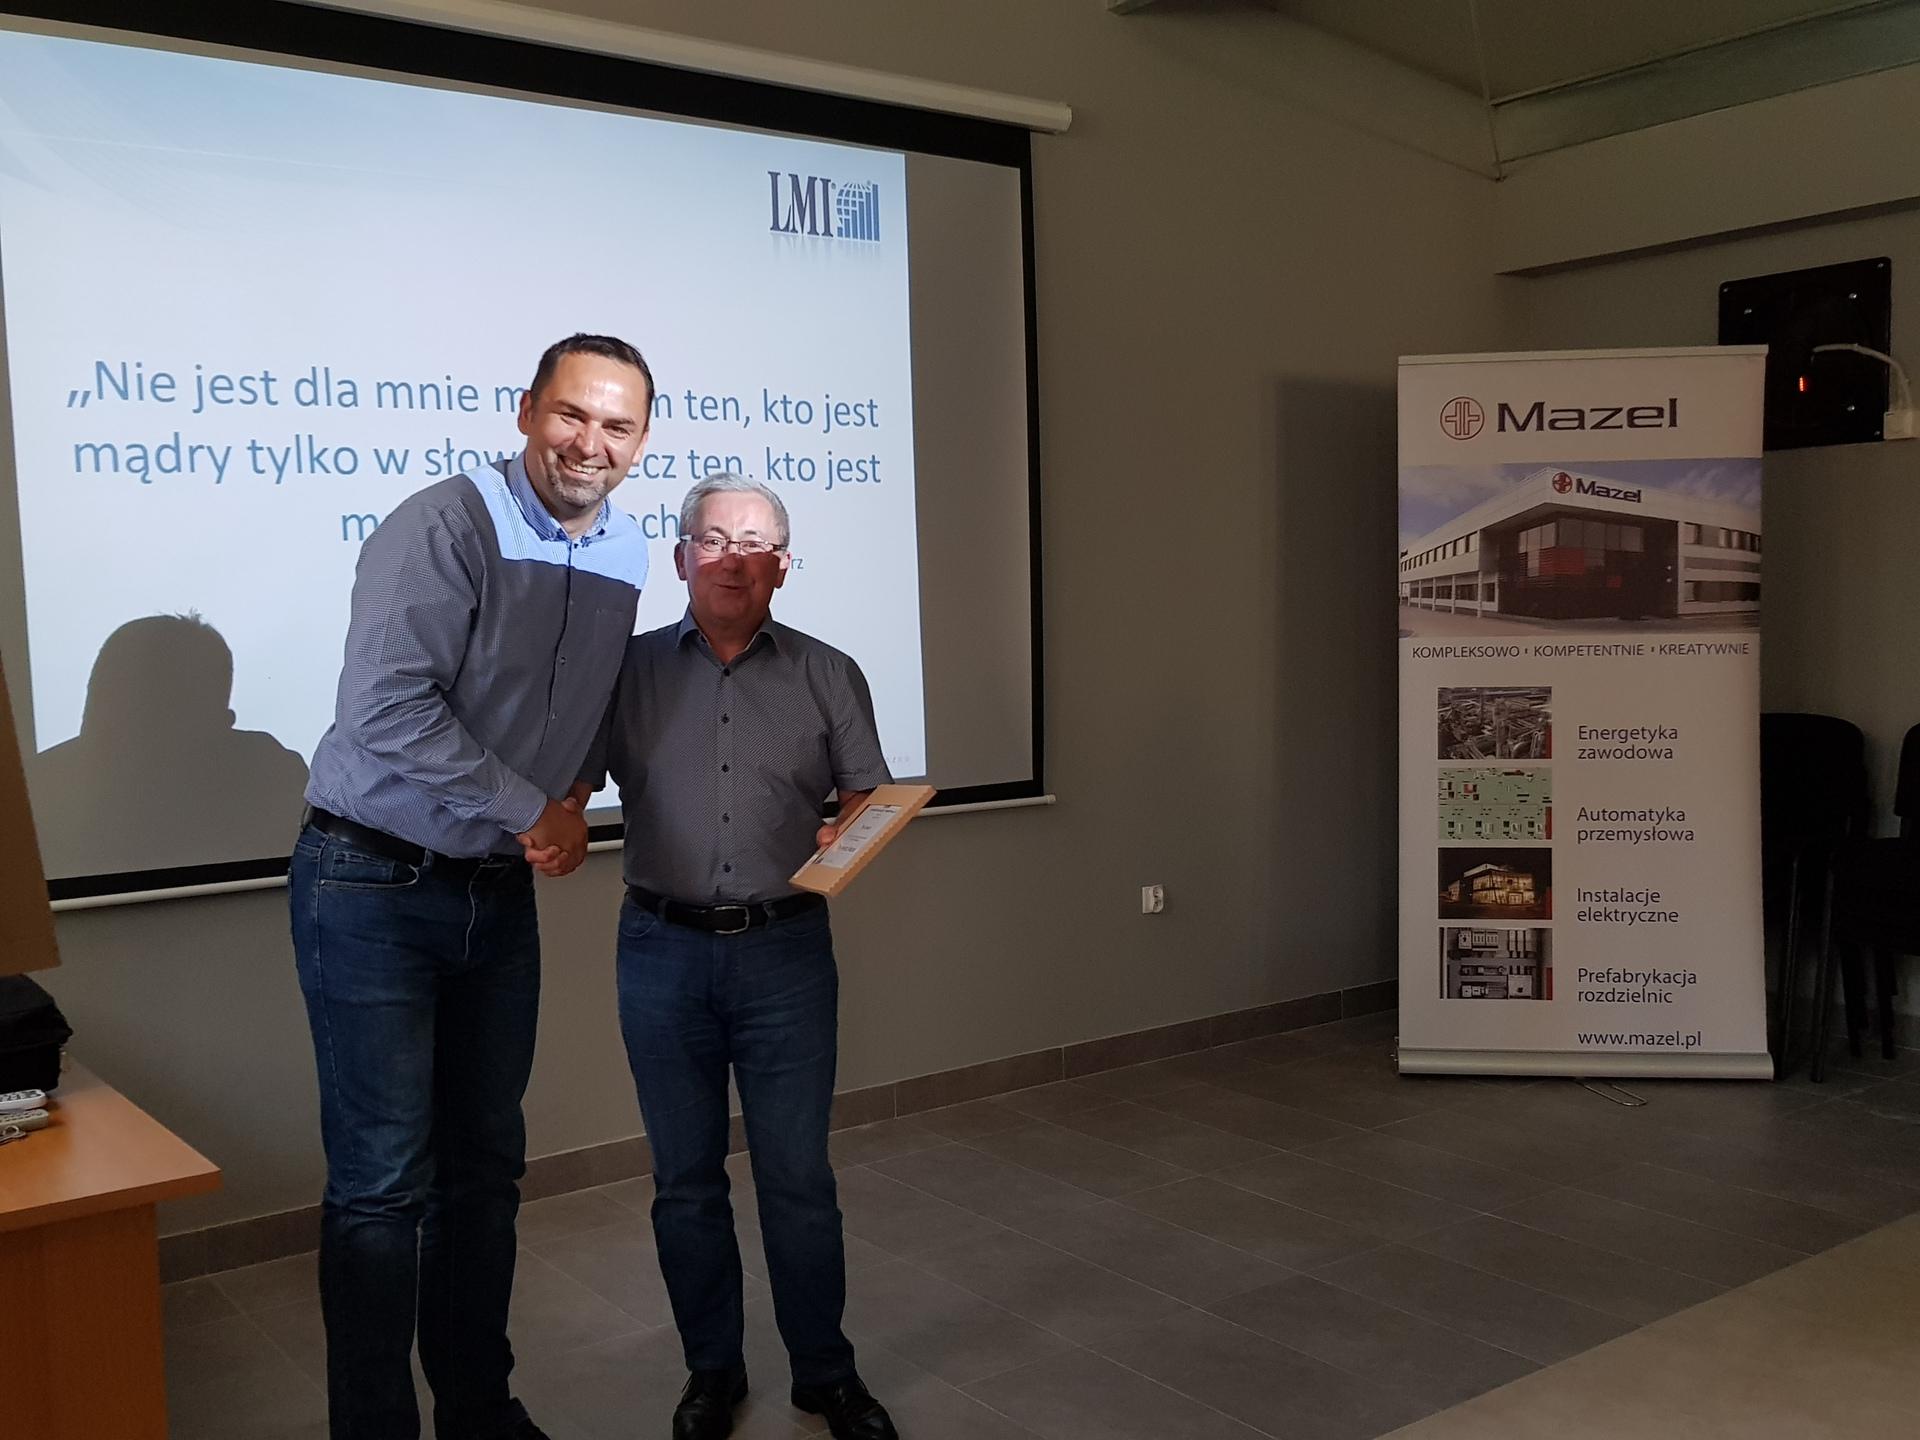 mazel integracja szkolenie 2018